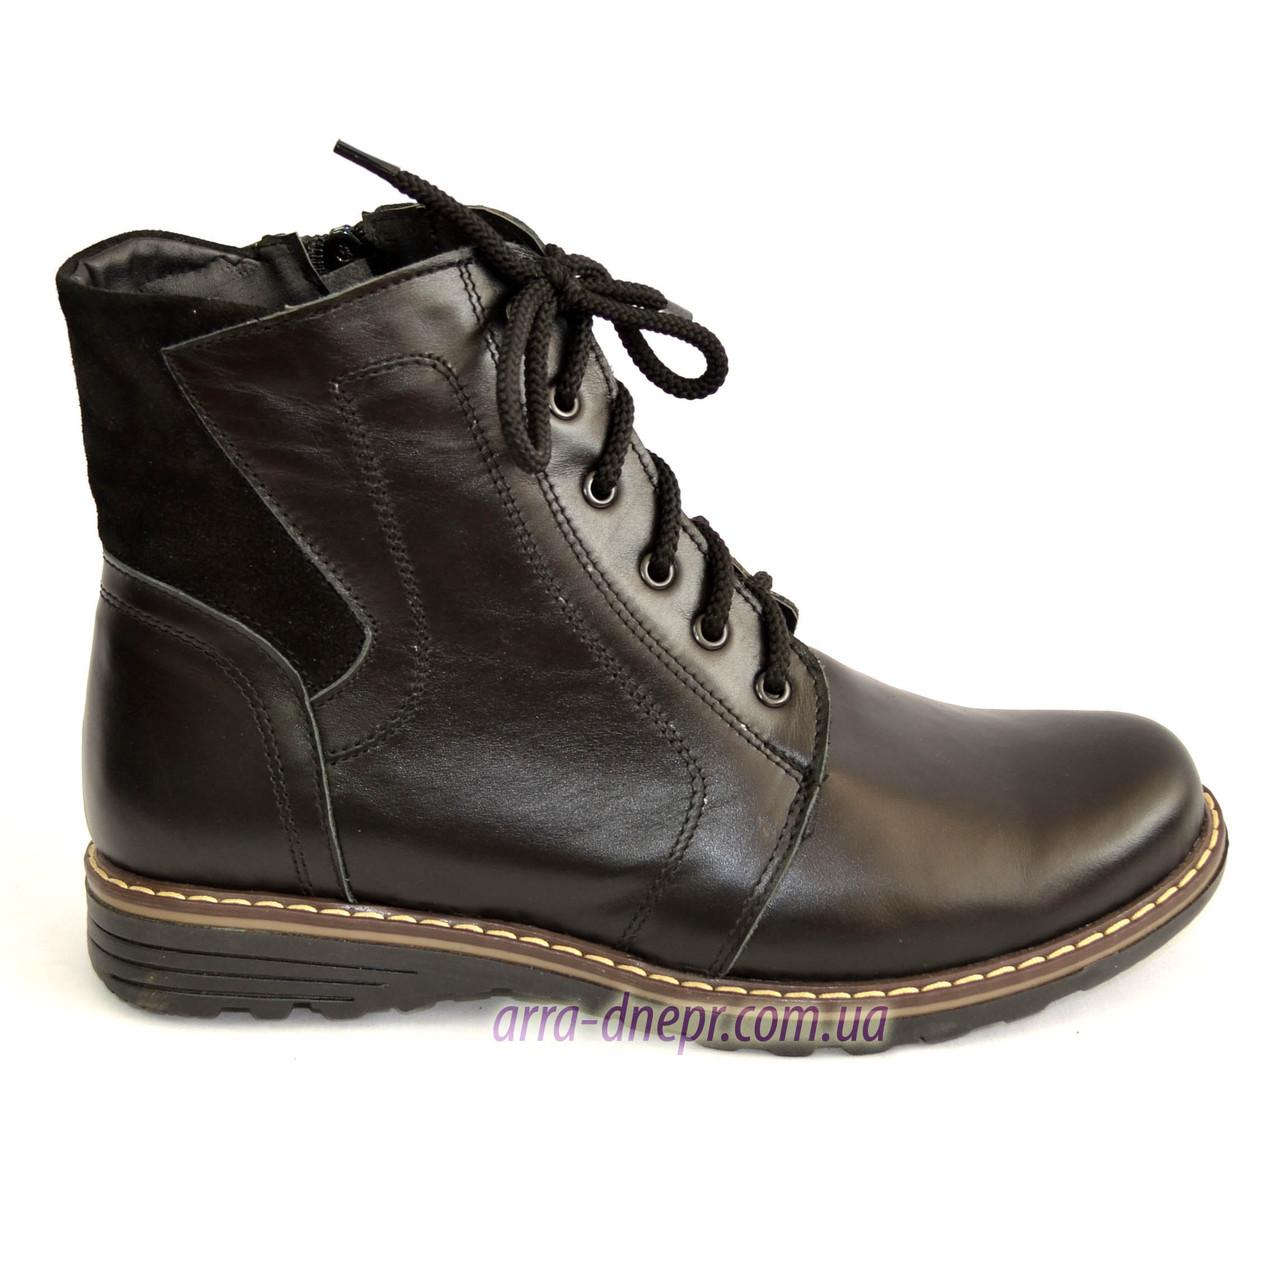 Женские кожаные зимние ботинки на шнуровке.